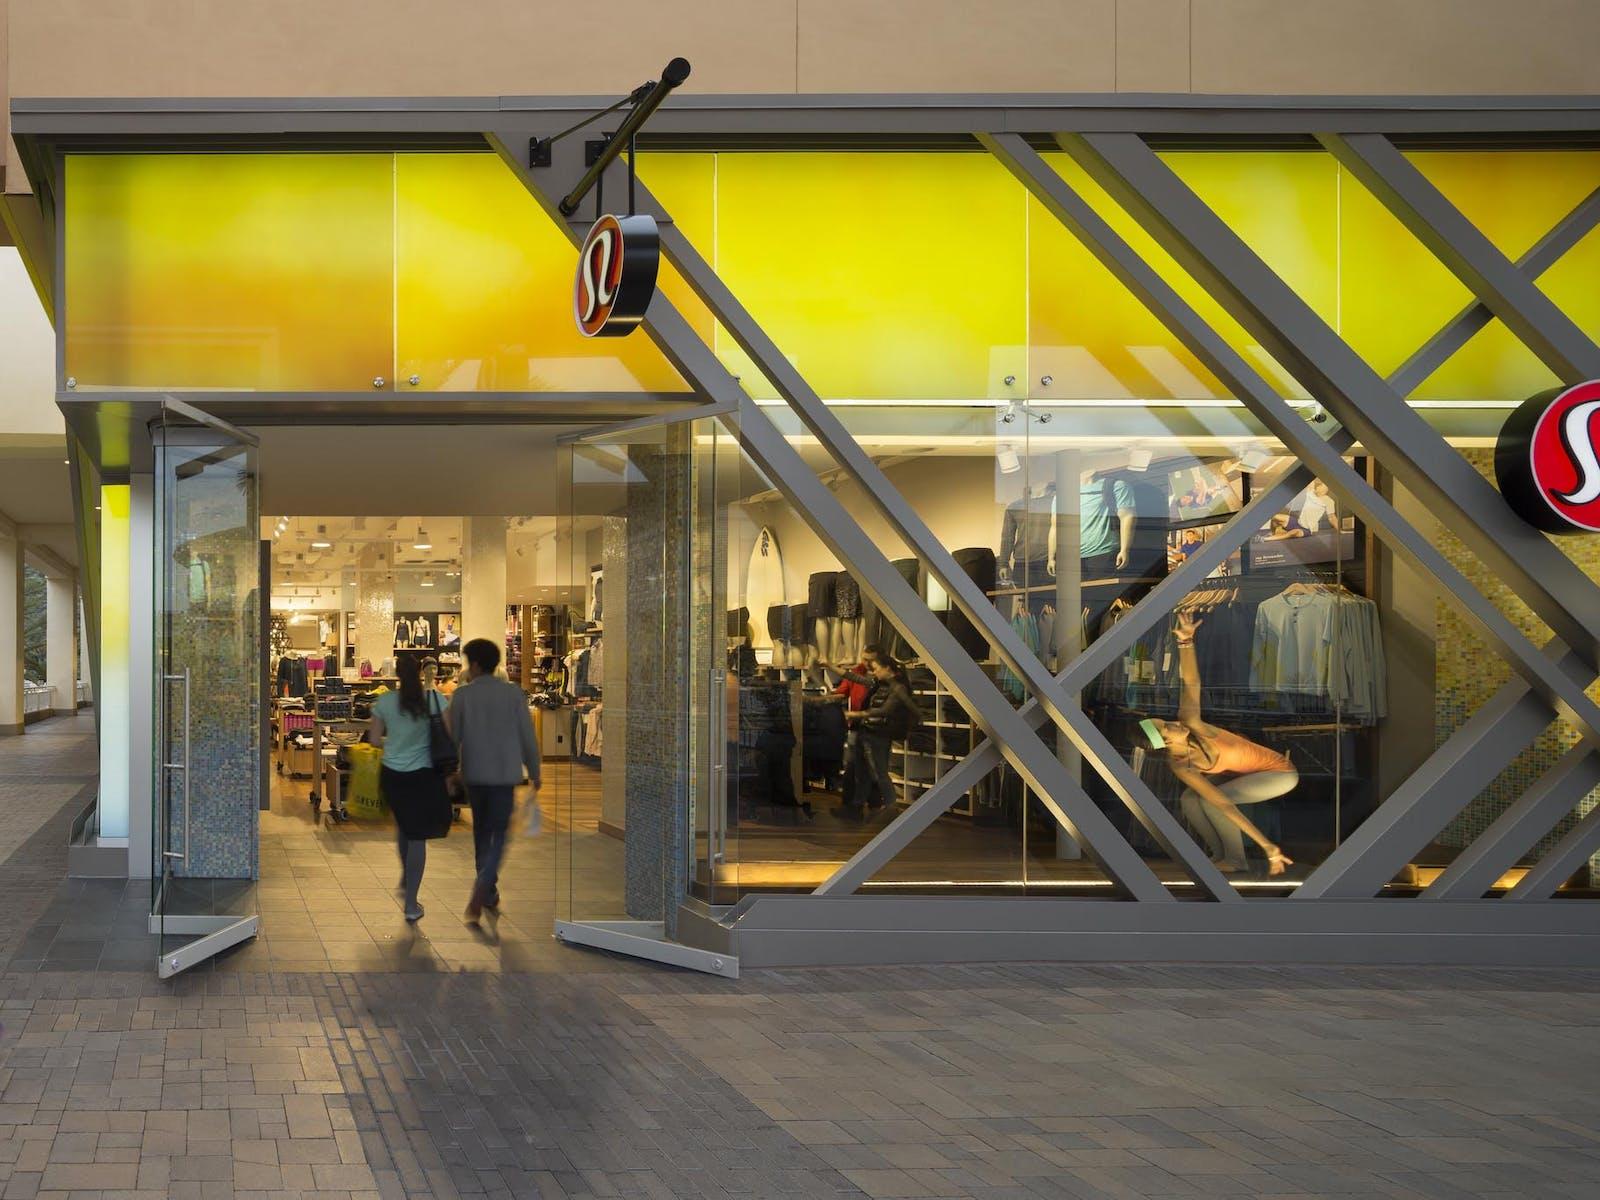 Frameless Glass Walls Highlights